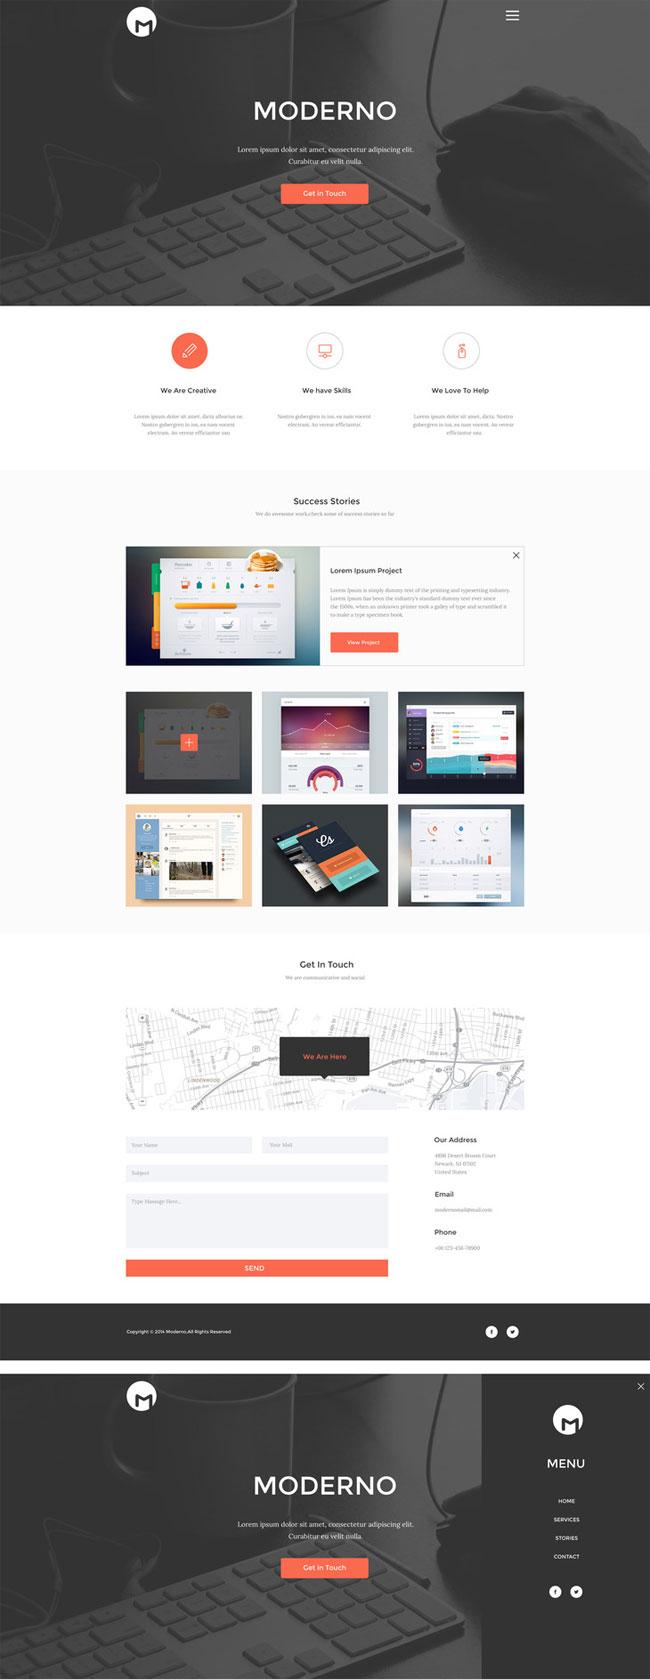 Moderno - Free Creative PSD Portfolio Template